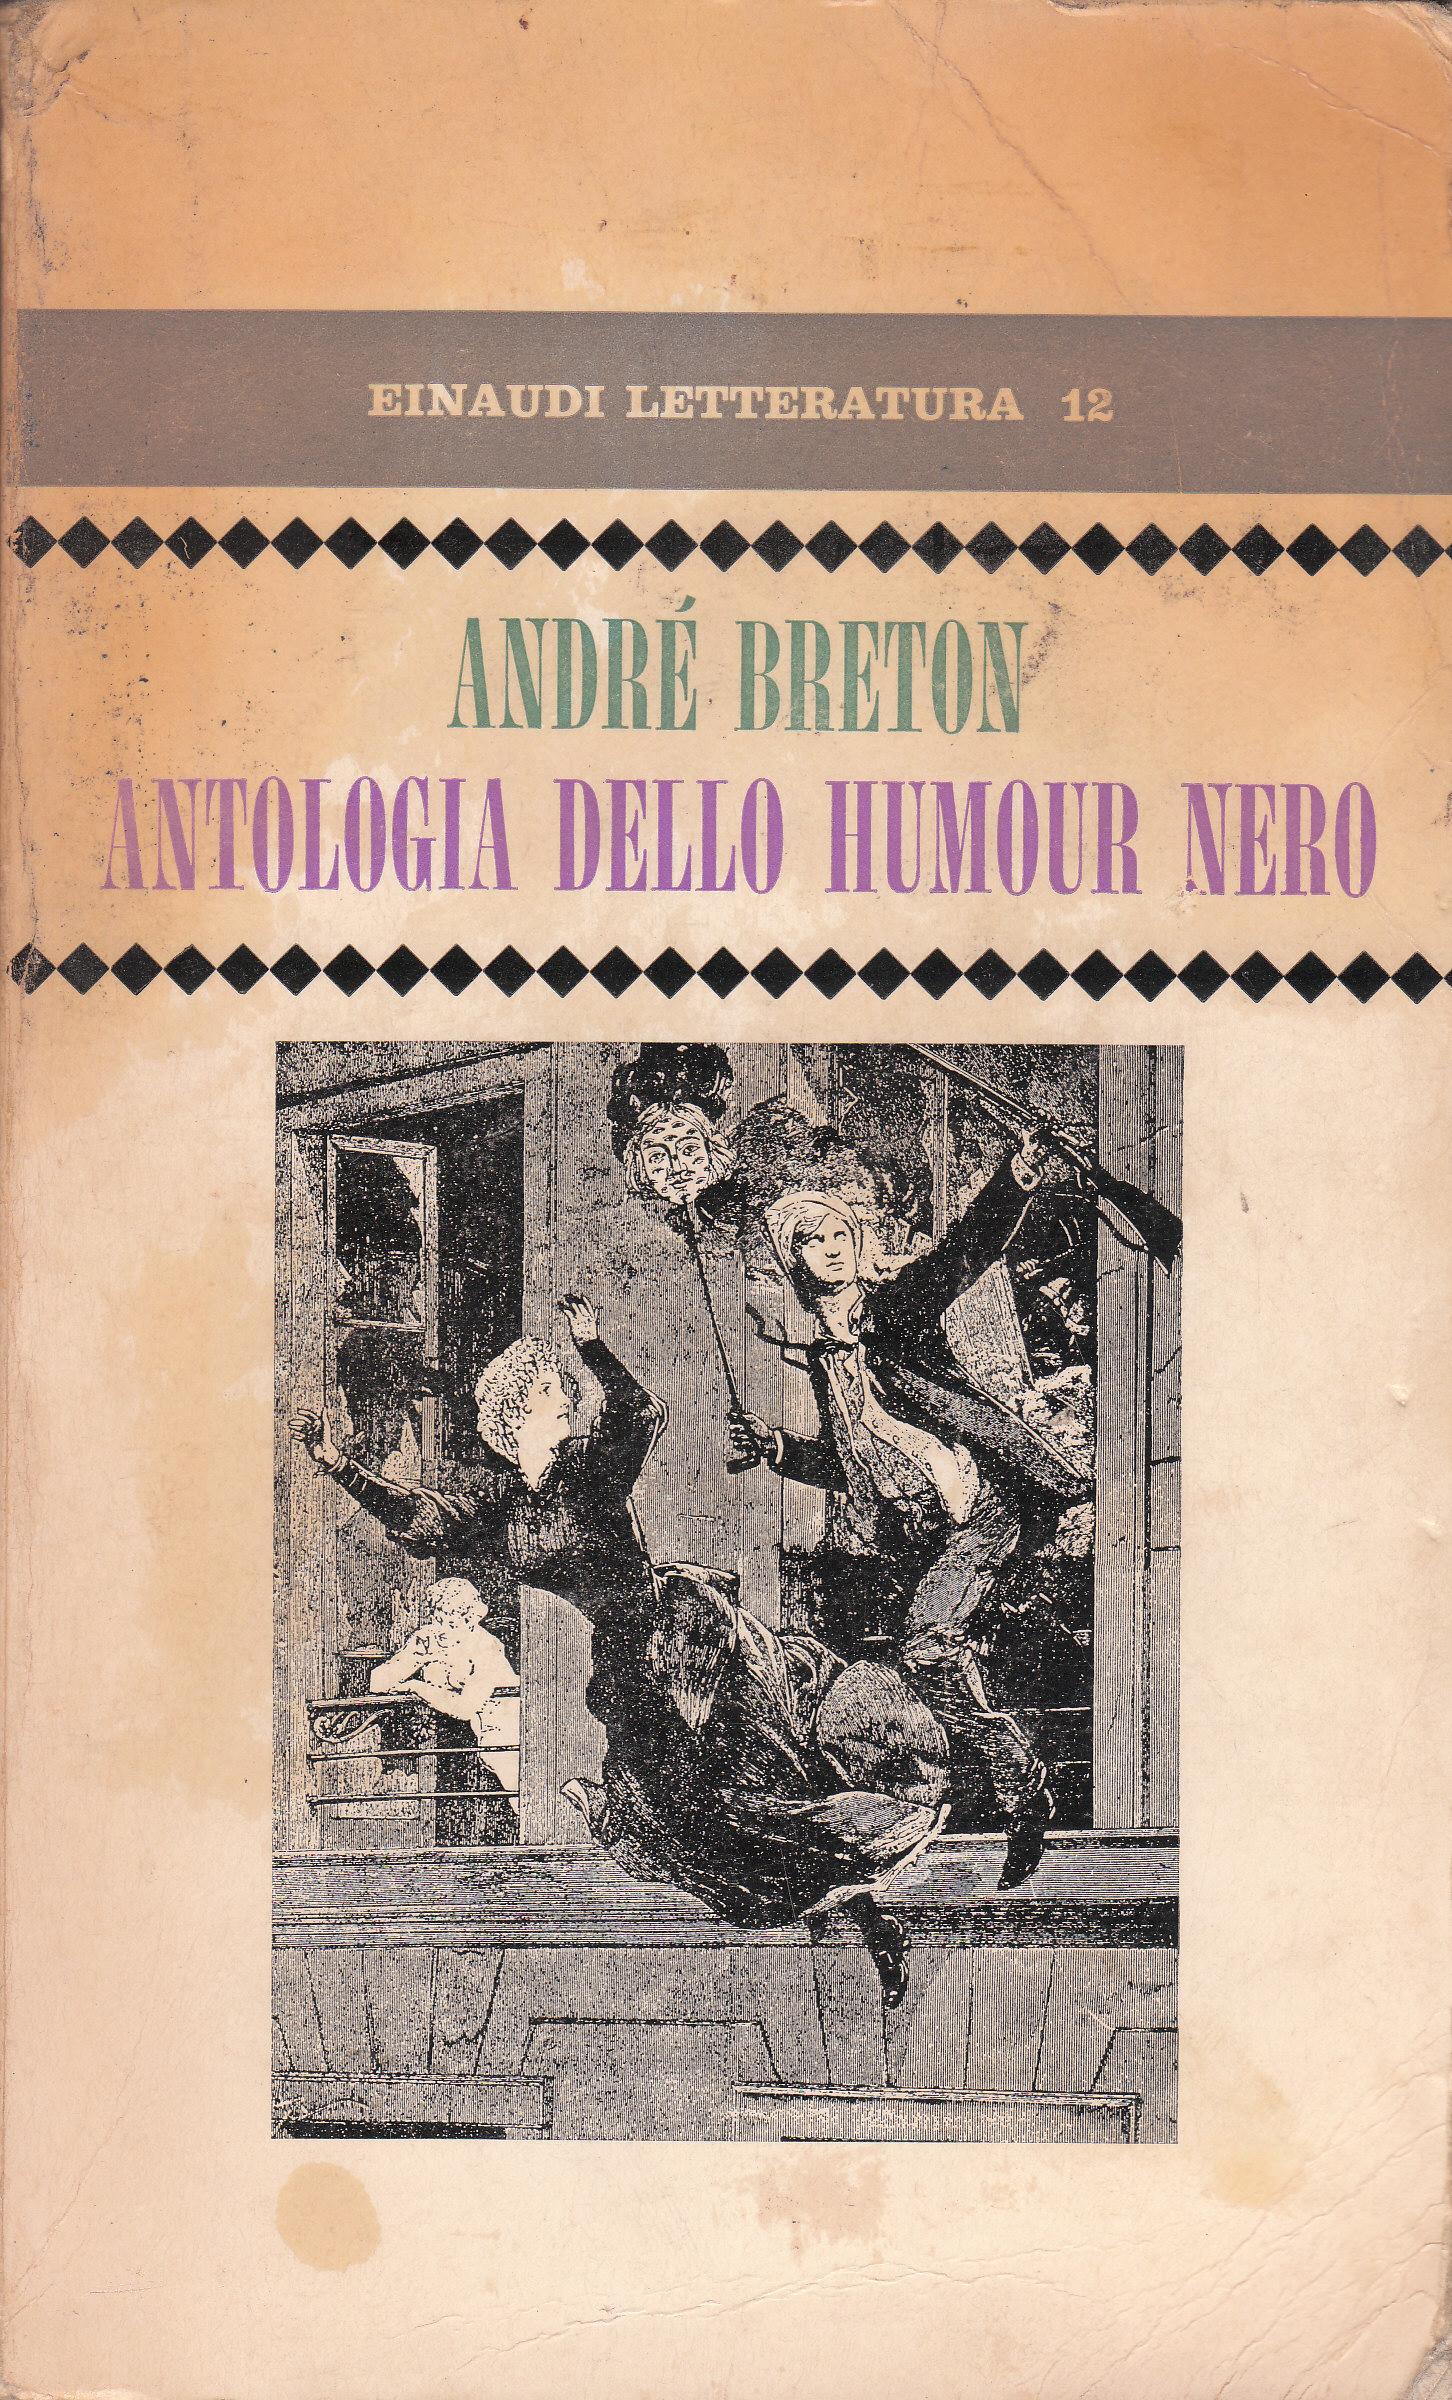 Antologia dello humour nero